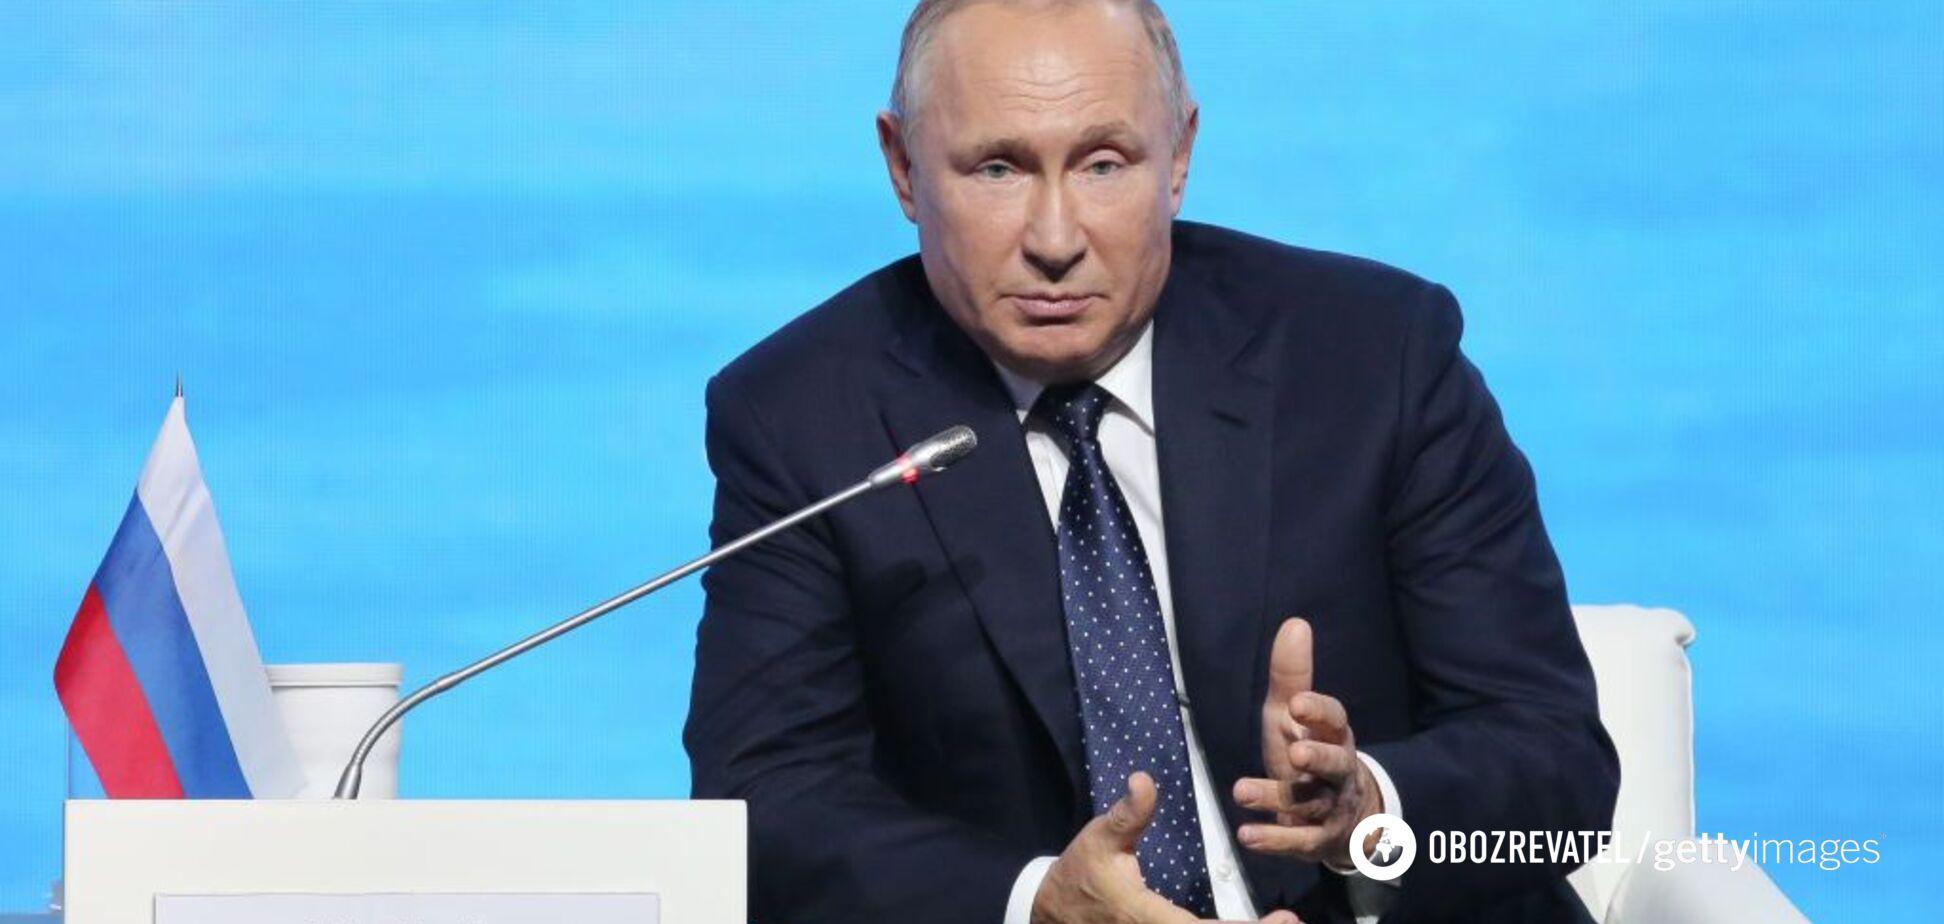 Путин. Слюнтяй, не слюнтяй?